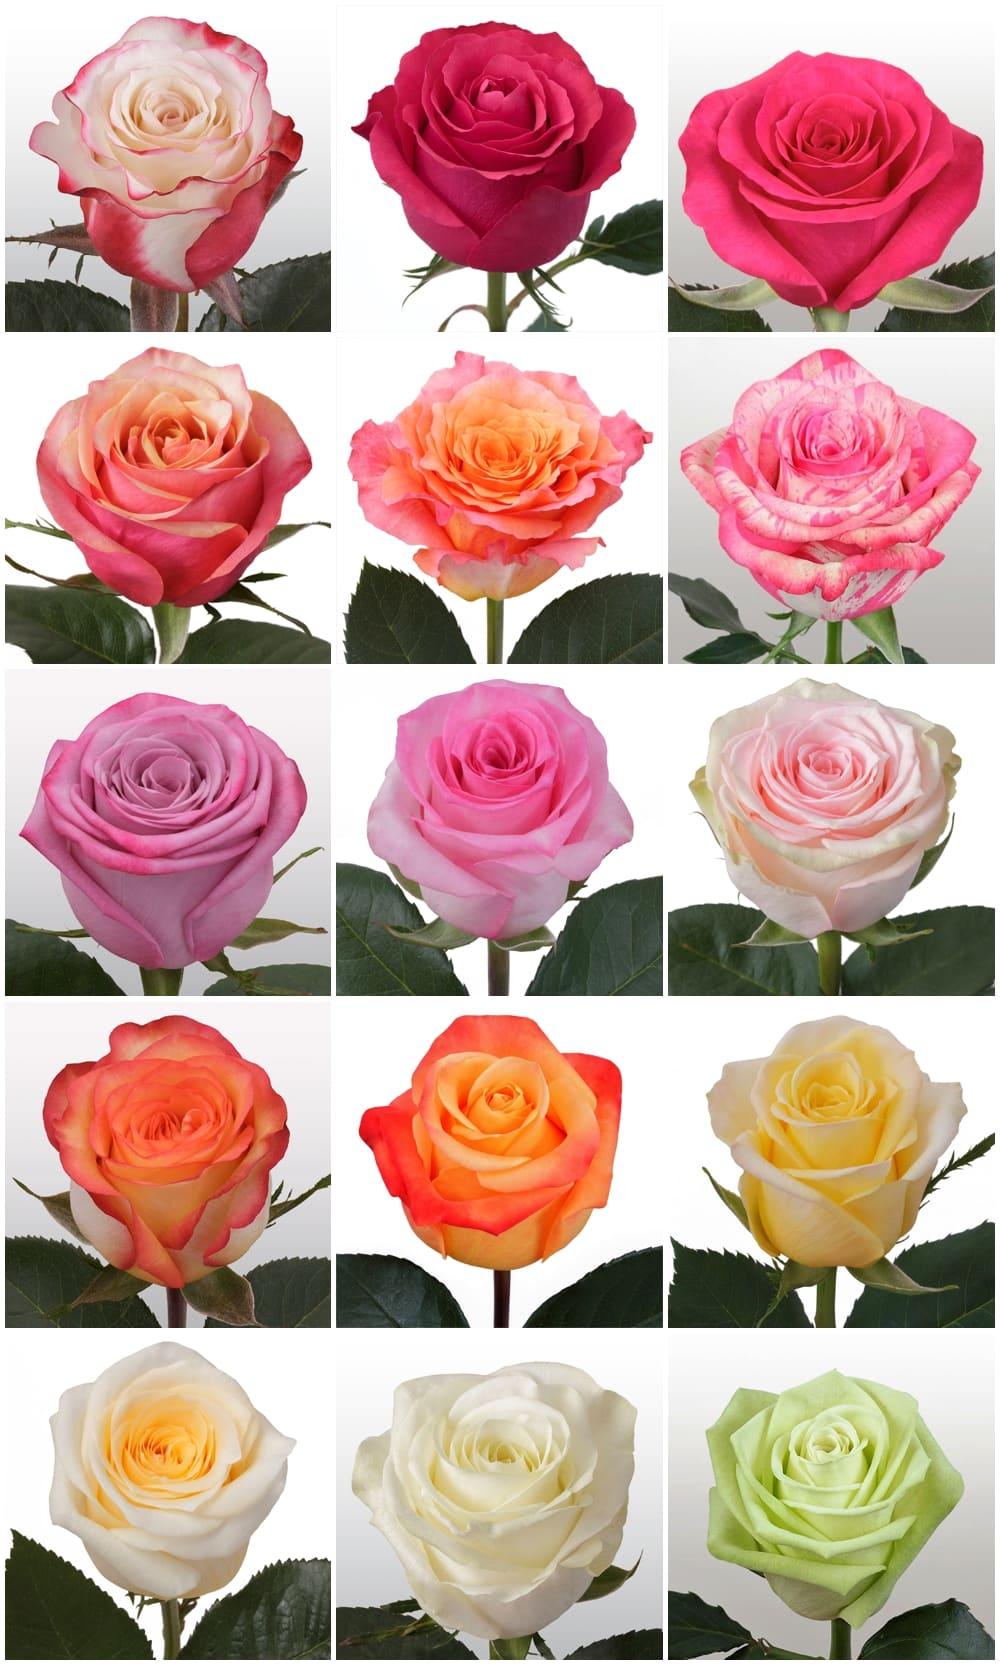 wholesaleflowers roses